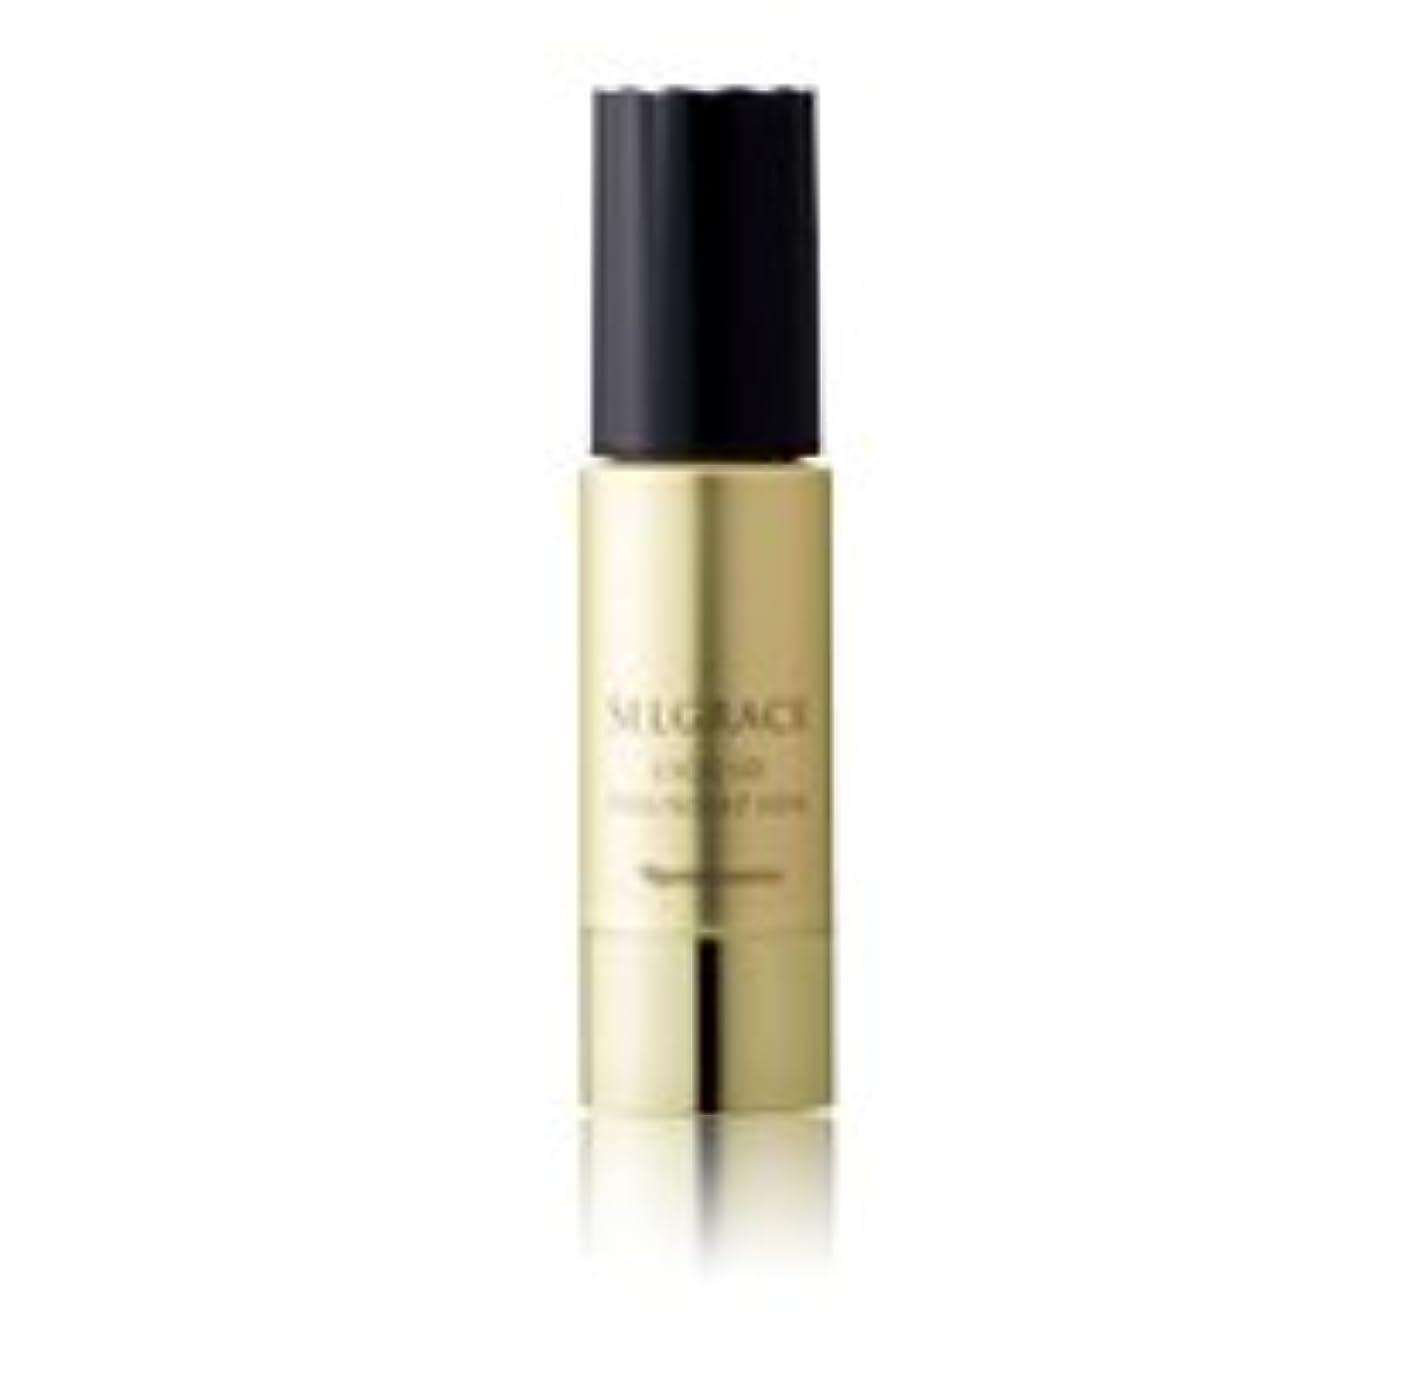 カストディアン効率的にシンプルさナリス化粧品セルグレース リキッドファンデーション30mL[SPF30 PA++]730